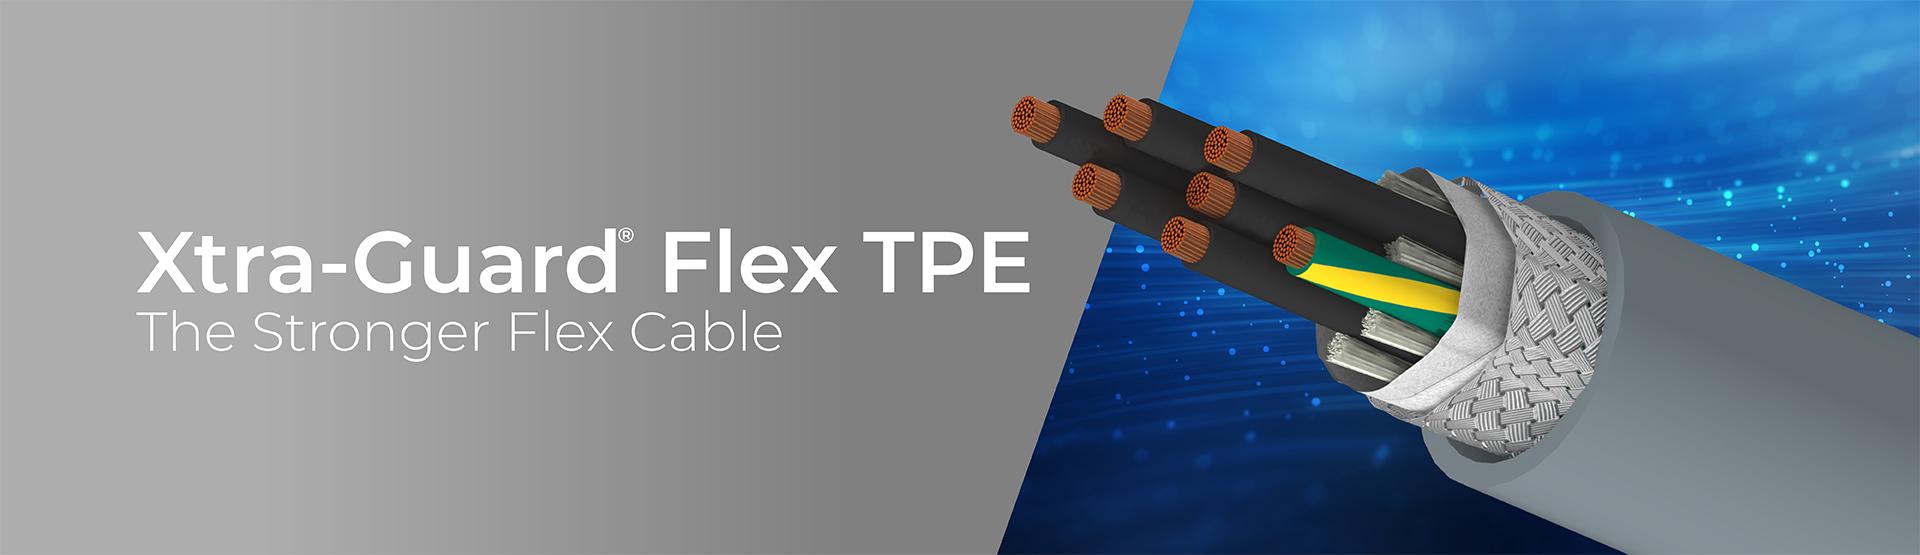 Xtra-Guard Flex